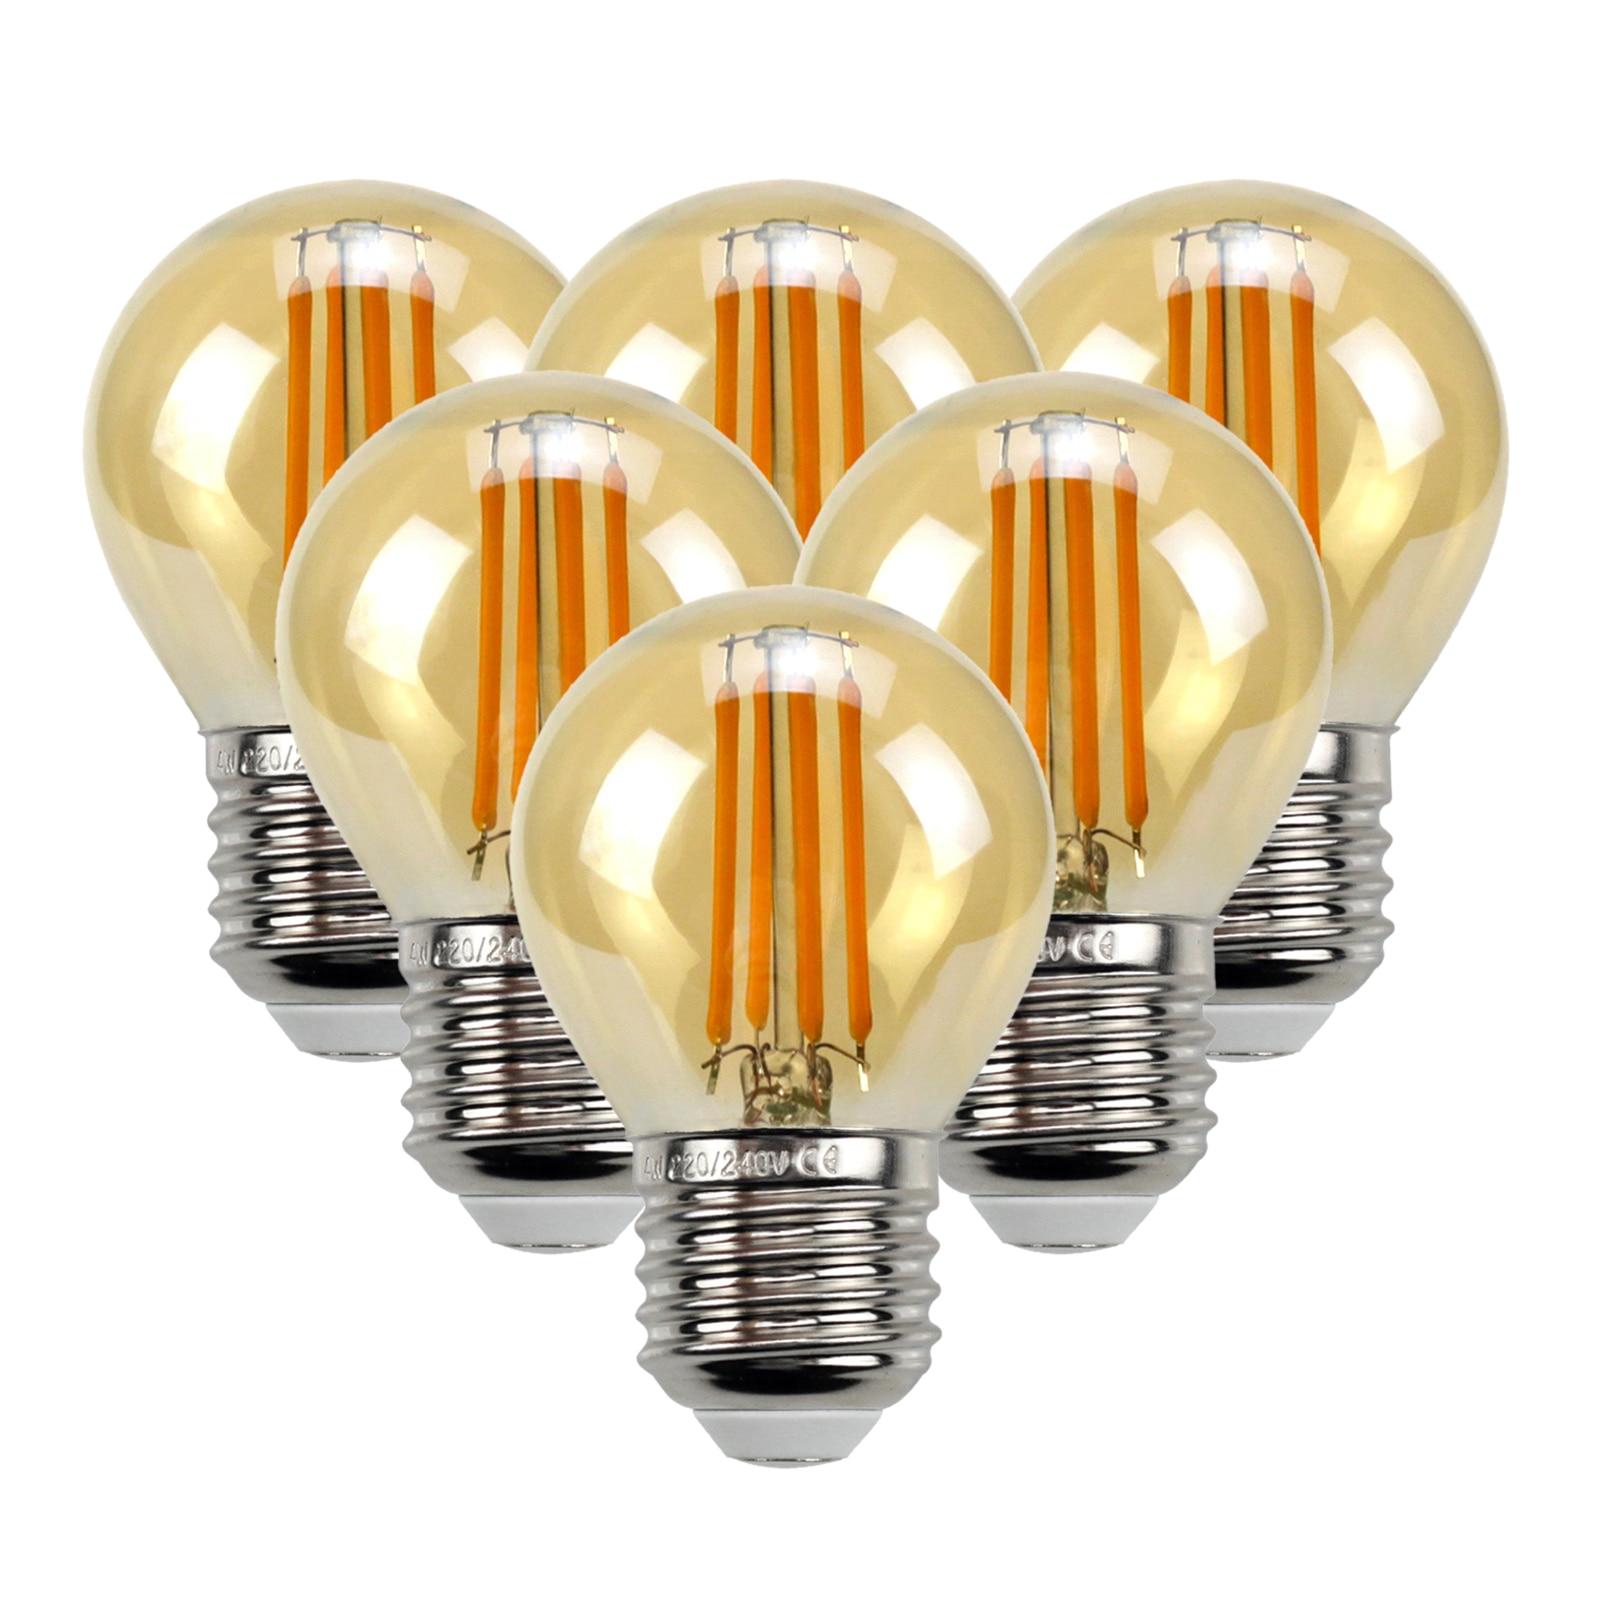 6 pcs edison lampadas branco quente 4w lampada para casa quarto sala de estar escritorio barra